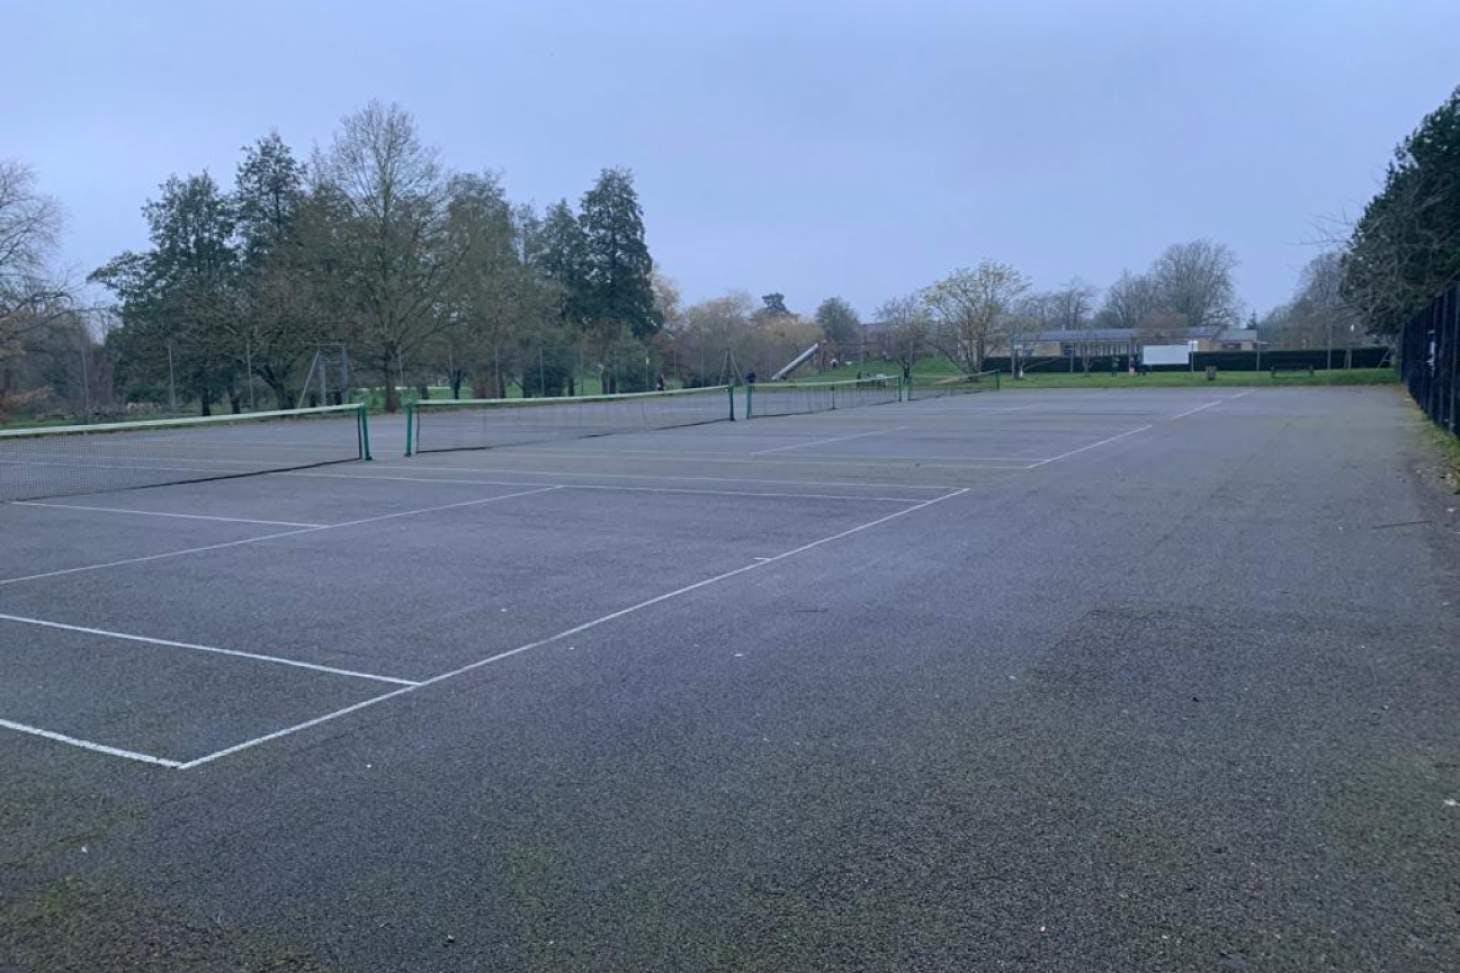 Cutteslowe Park Outdoor | Hard (macadam) tennis court